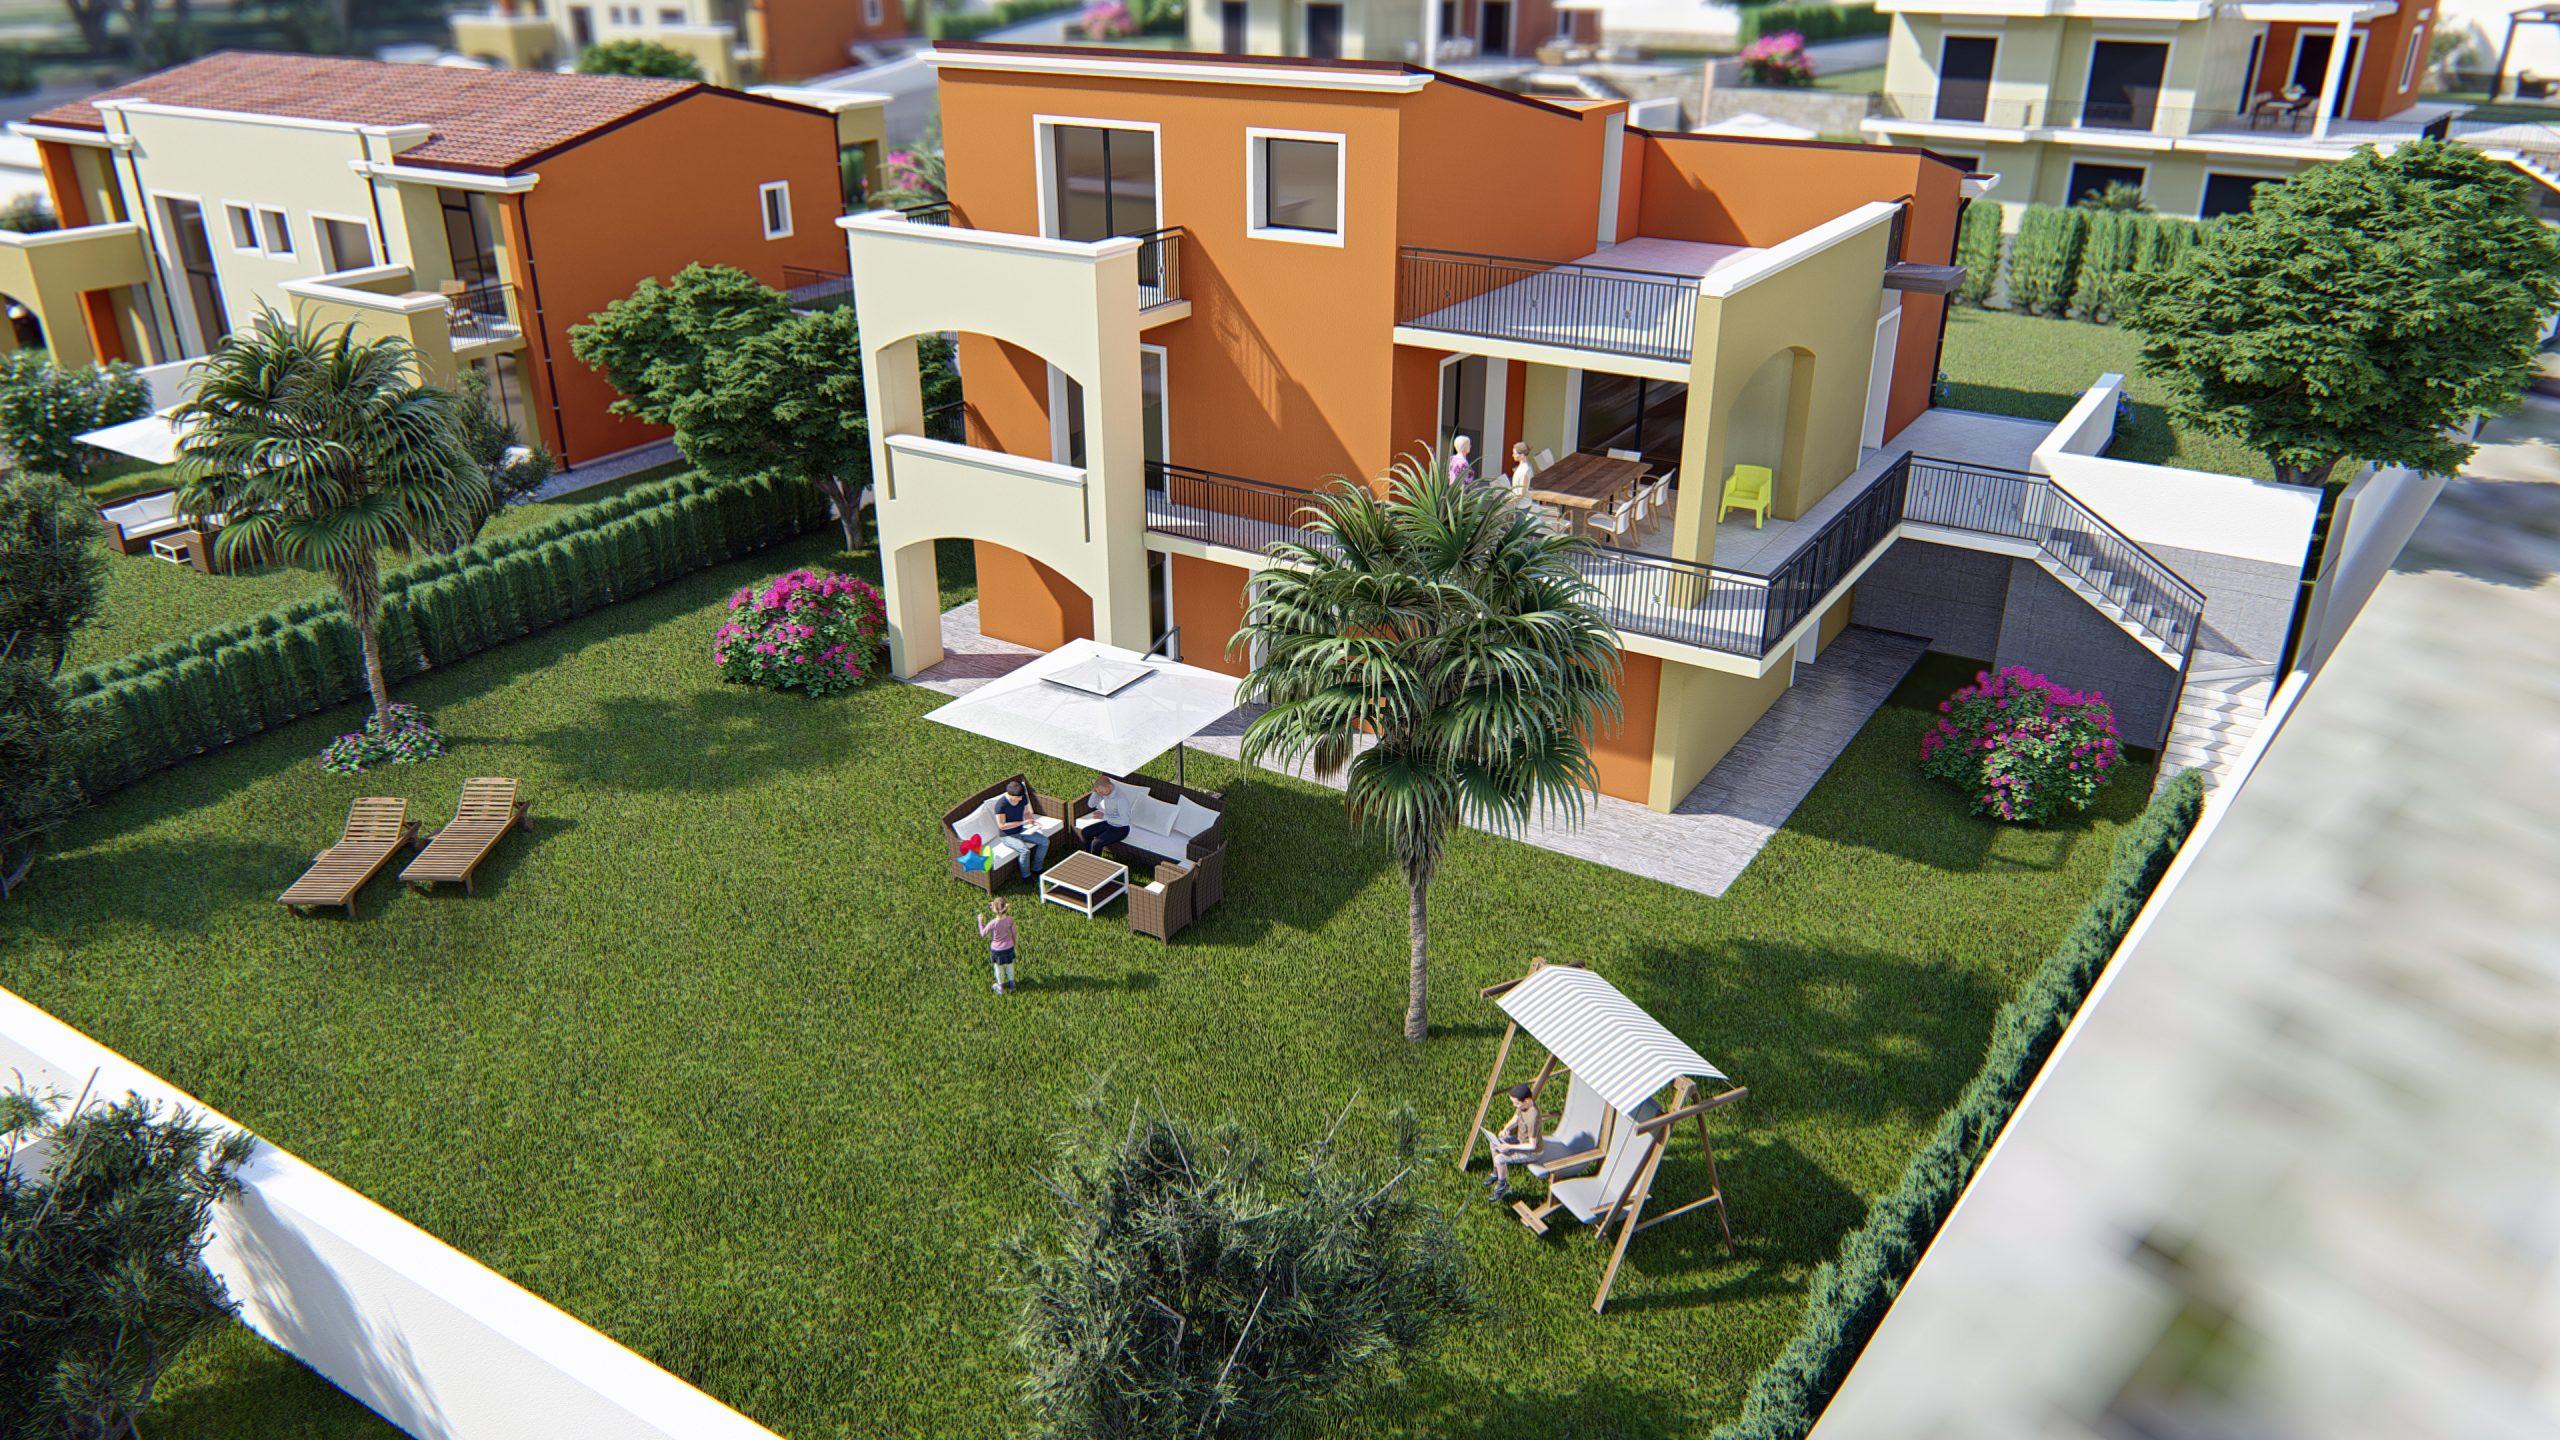 Villa Indipendente Unifamiliare in vendita a Messina